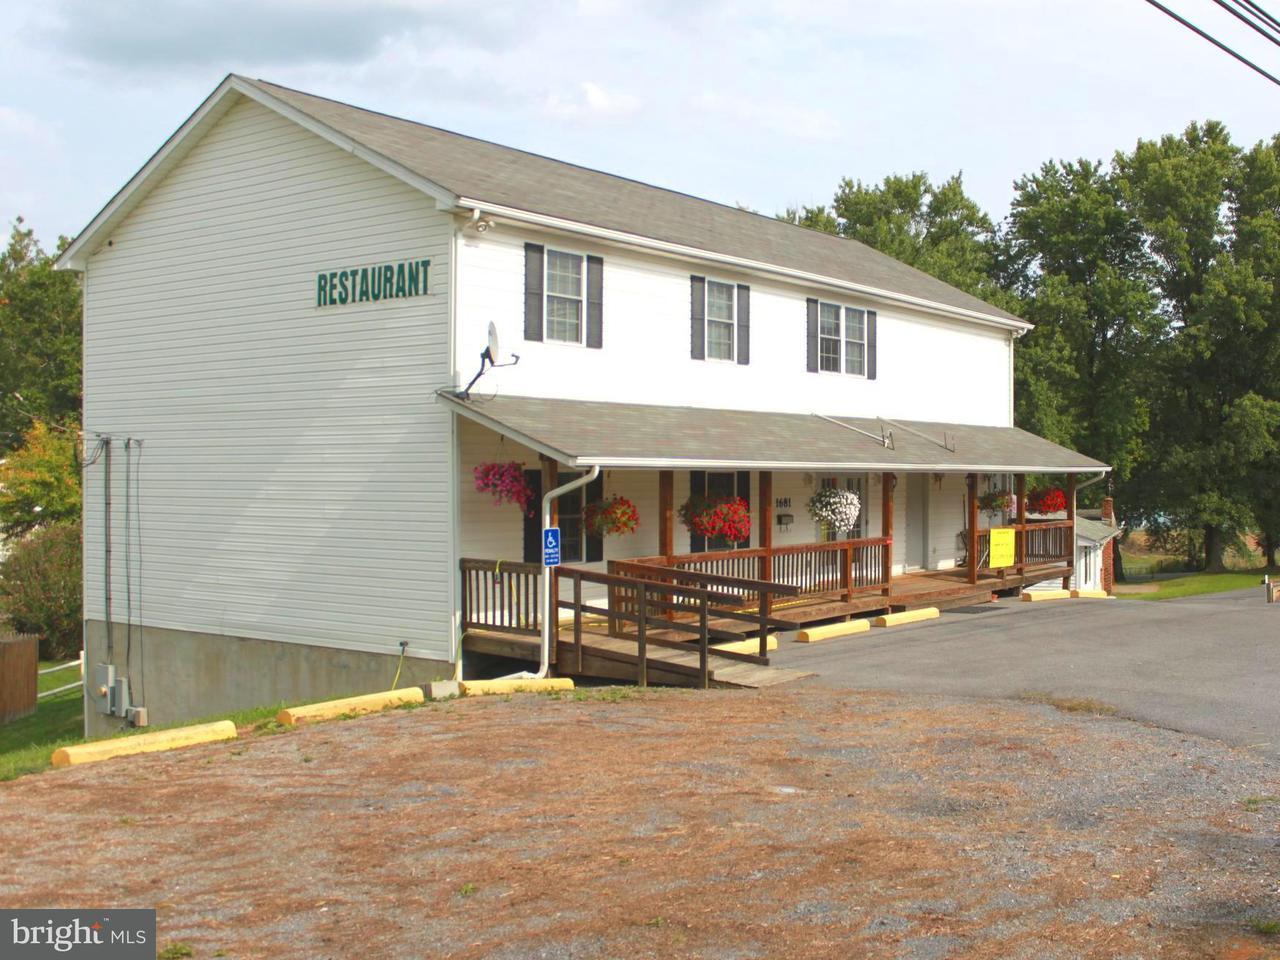 商用 のために 売買 アット 1681 Middleway Pike 1681 Middleway Pike Bunker Hill, ウェストバージニア 25413 アメリカ合衆国